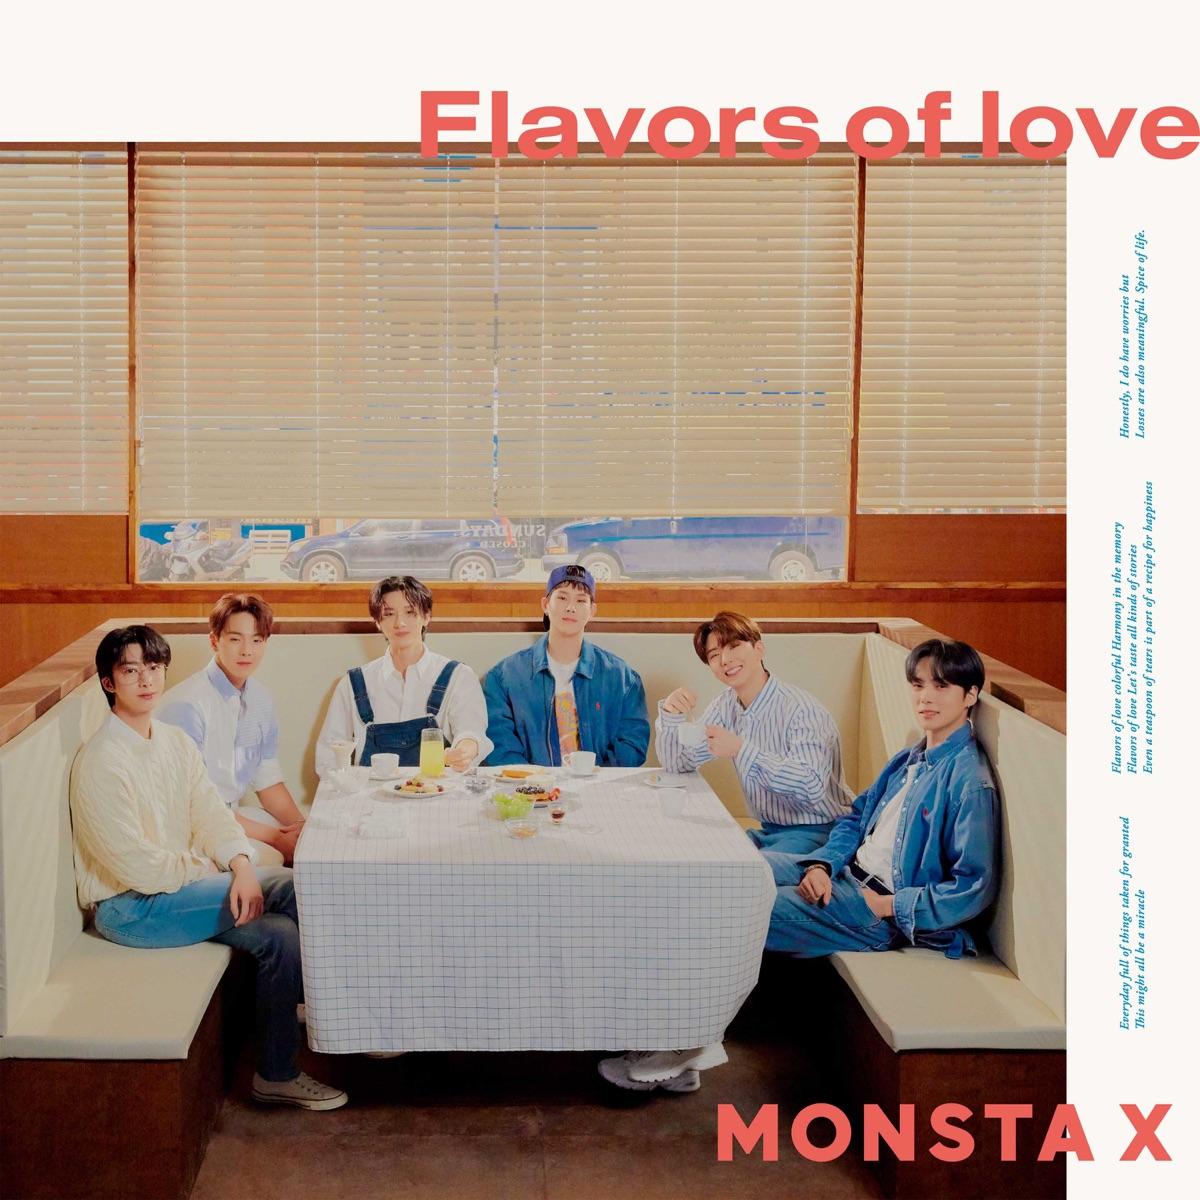 『MONSTA X - RE:VERSEDAY』収録の『Flavors of love』ジャケット